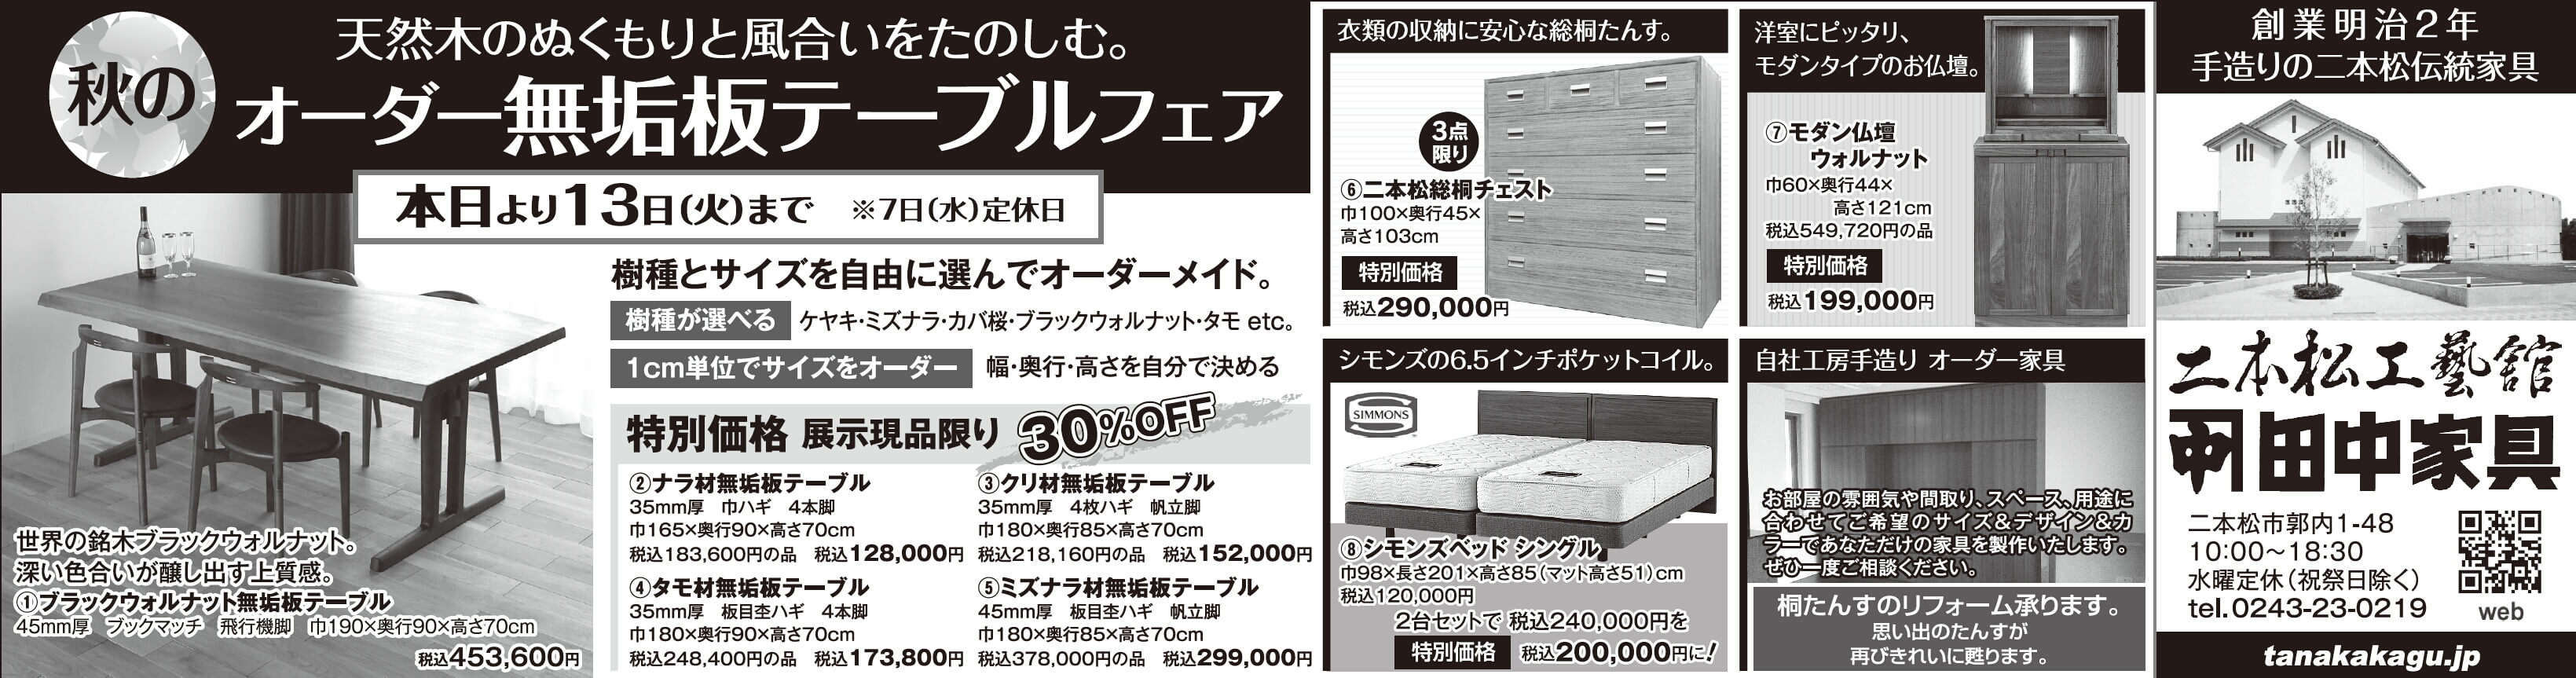 181103二本松工藝舘 無垢板テーブルフェア